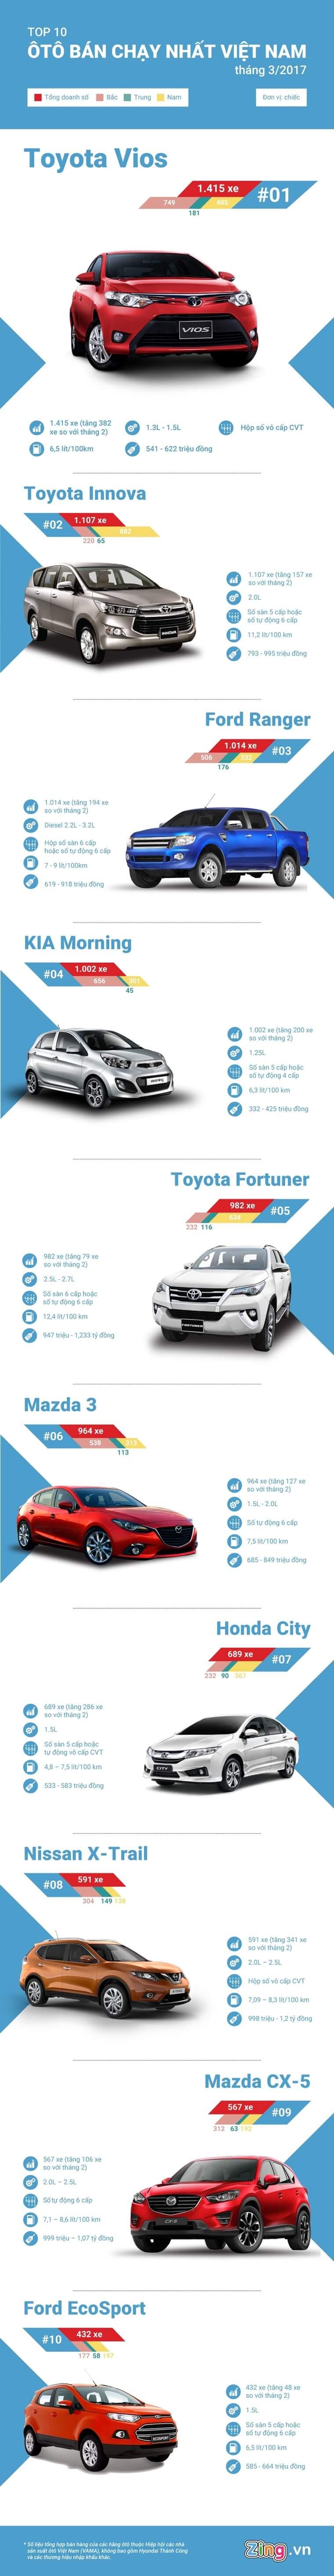 Top 10 xe ô tô bán chạy nhất tháng 3/2017